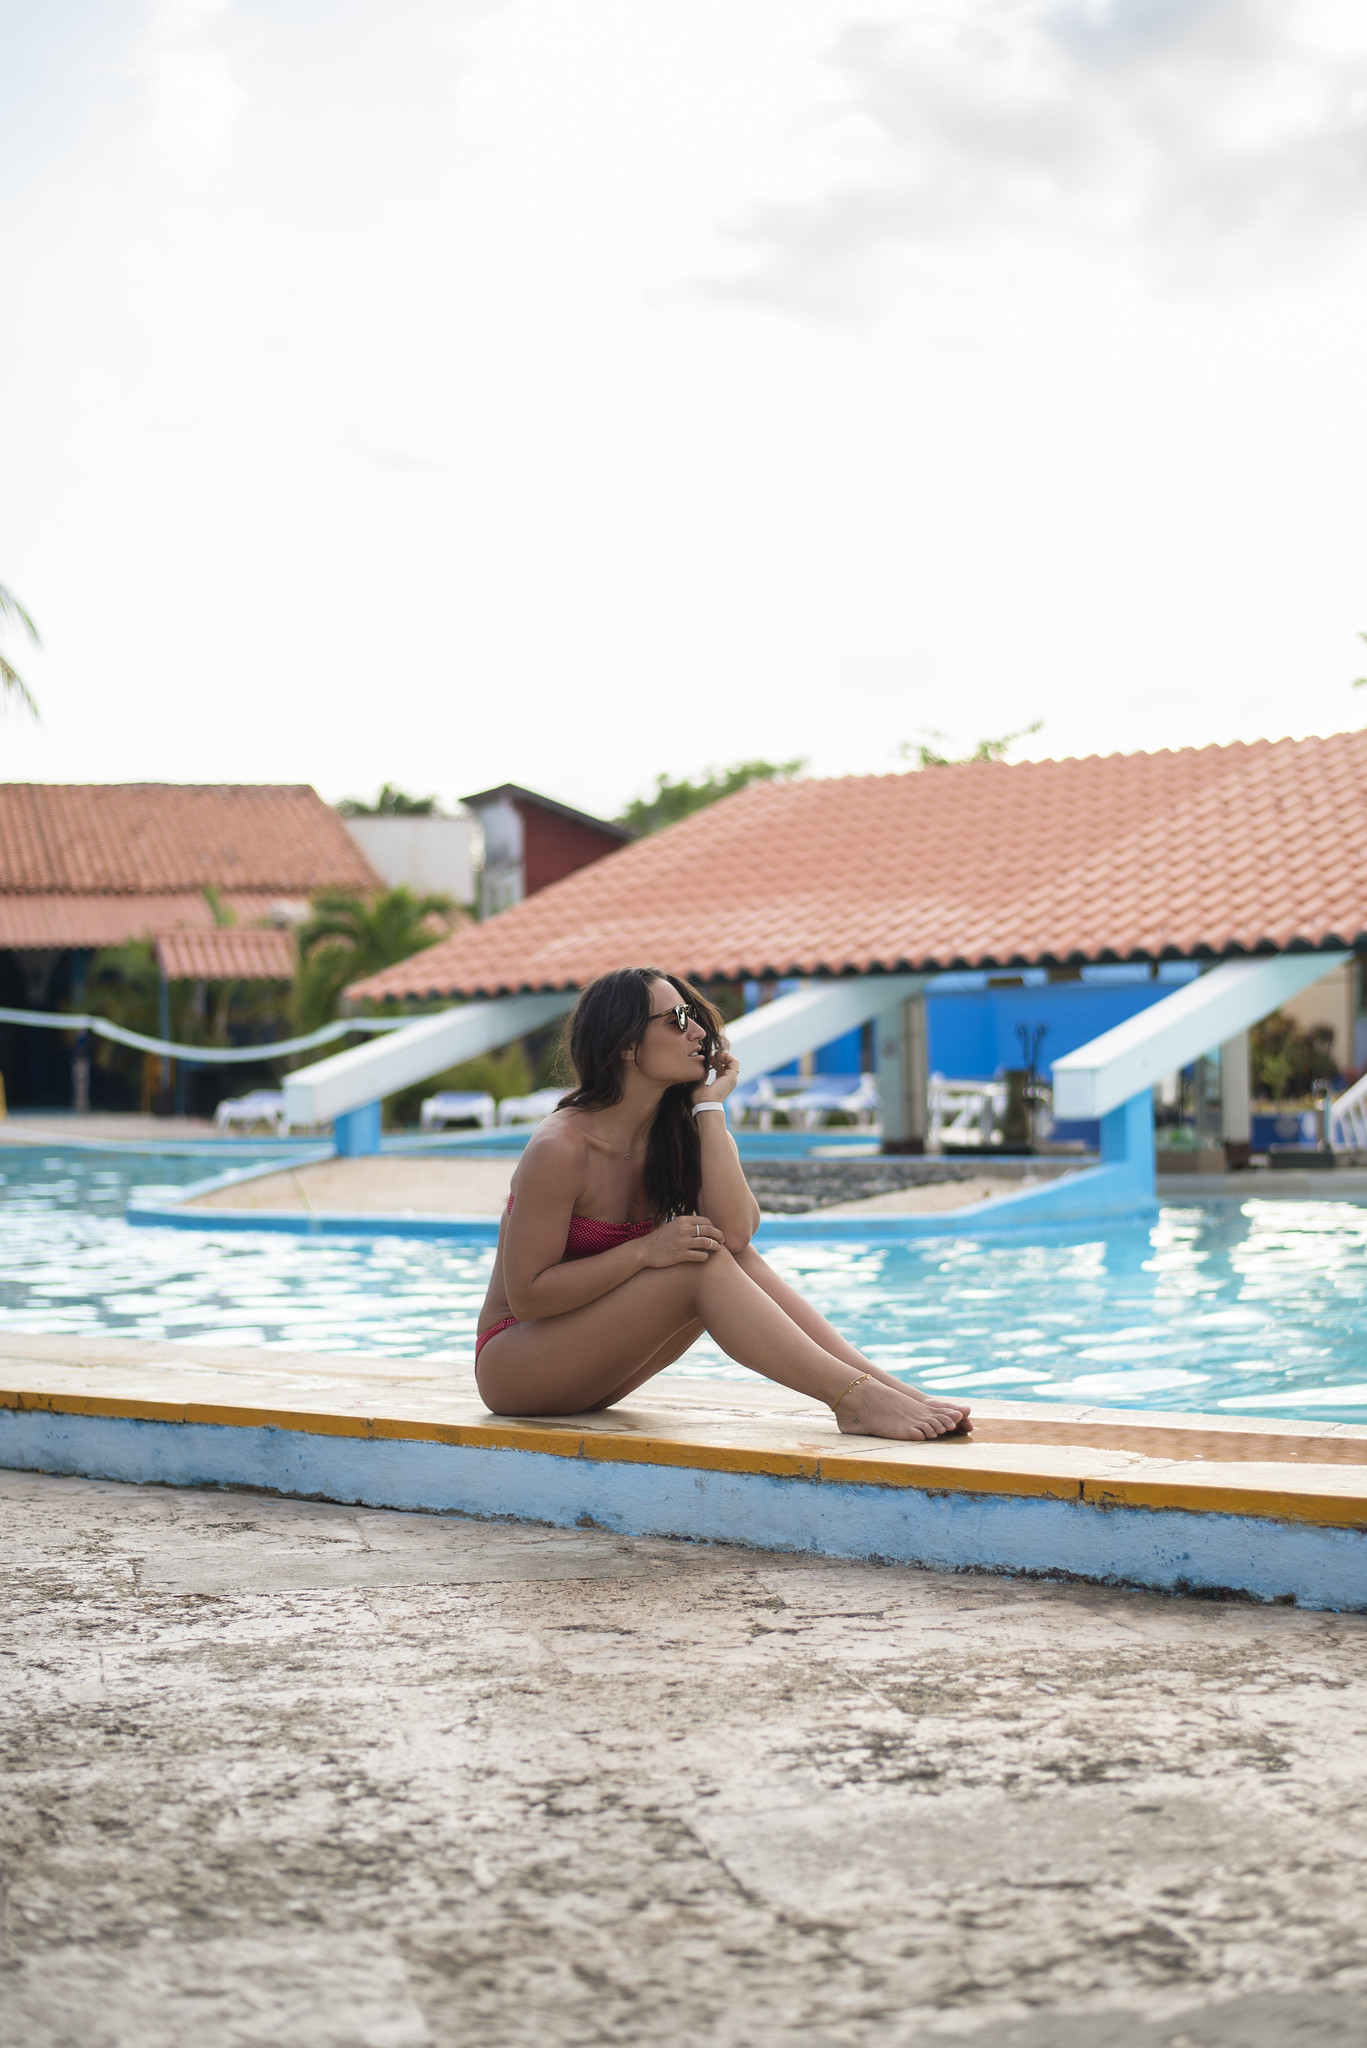 camille dg piscine maillot à pois